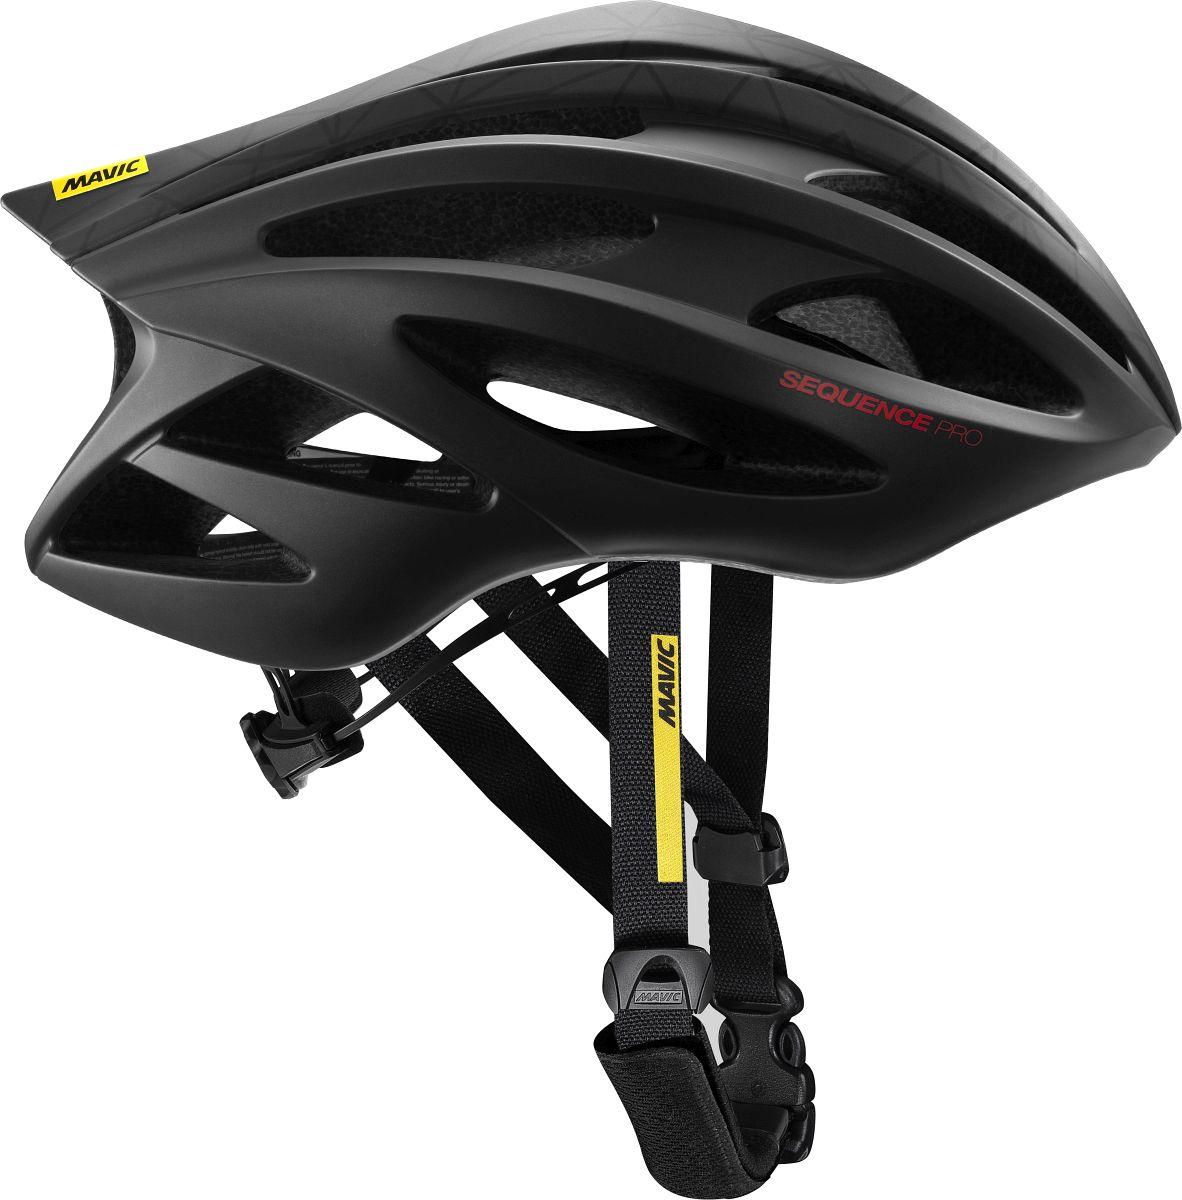 Radsport Mavic Sequence Pro Damen Rennrad Fahrrad Helm schwarz 2019 Helme & Protektoren